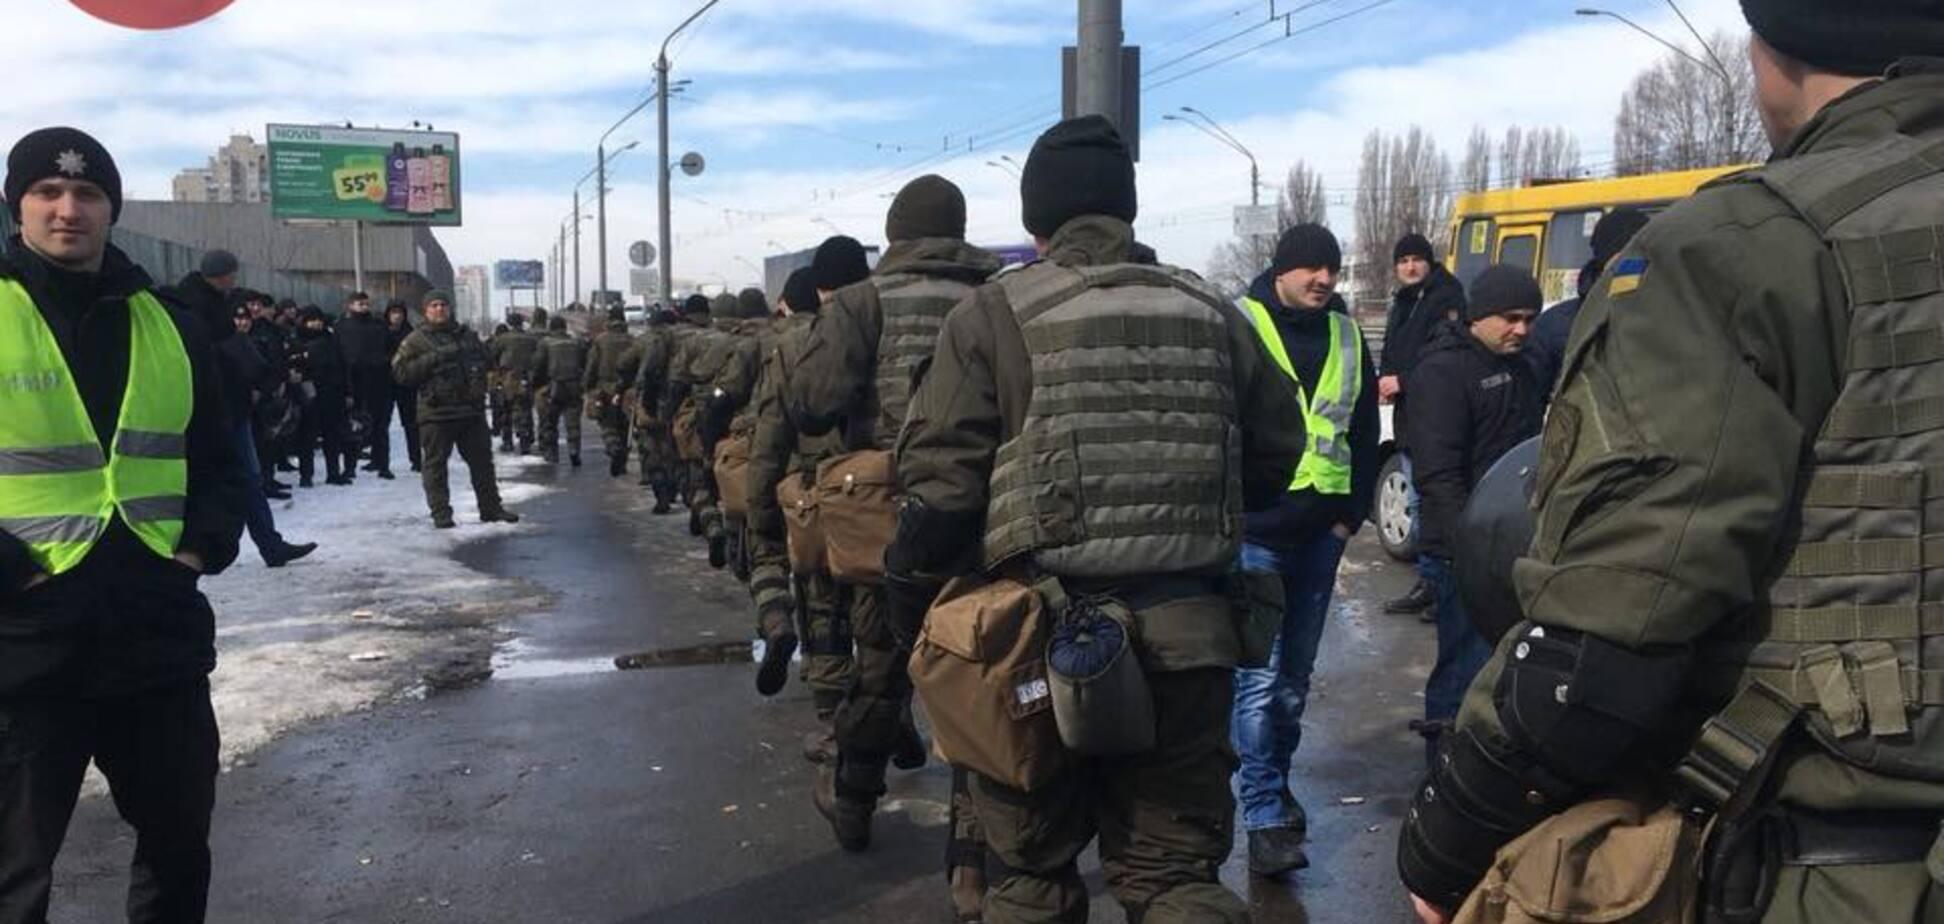 У Києві силовики заблокували базу 'Нацкорпуса': всі подробиці